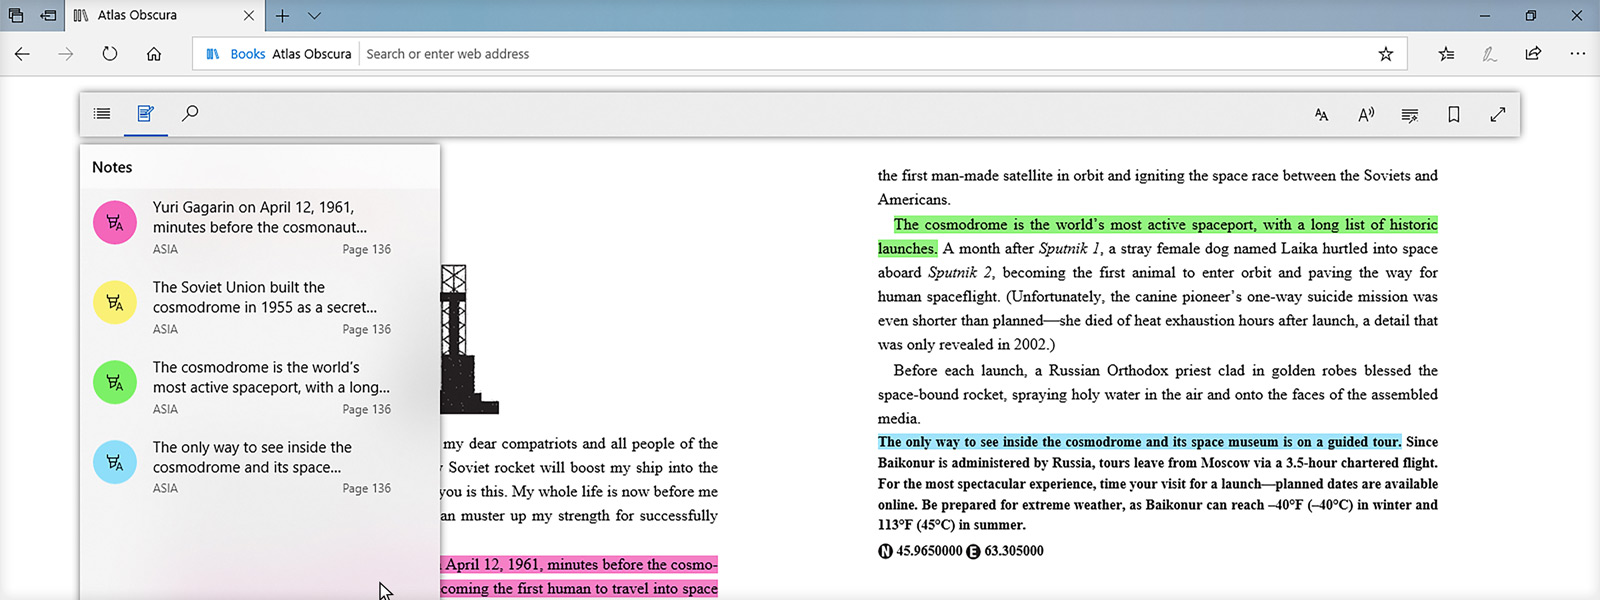 صورة تعرض تمييز نص أثناء قراءة كتب داخل مستعرض Microsoft Edge